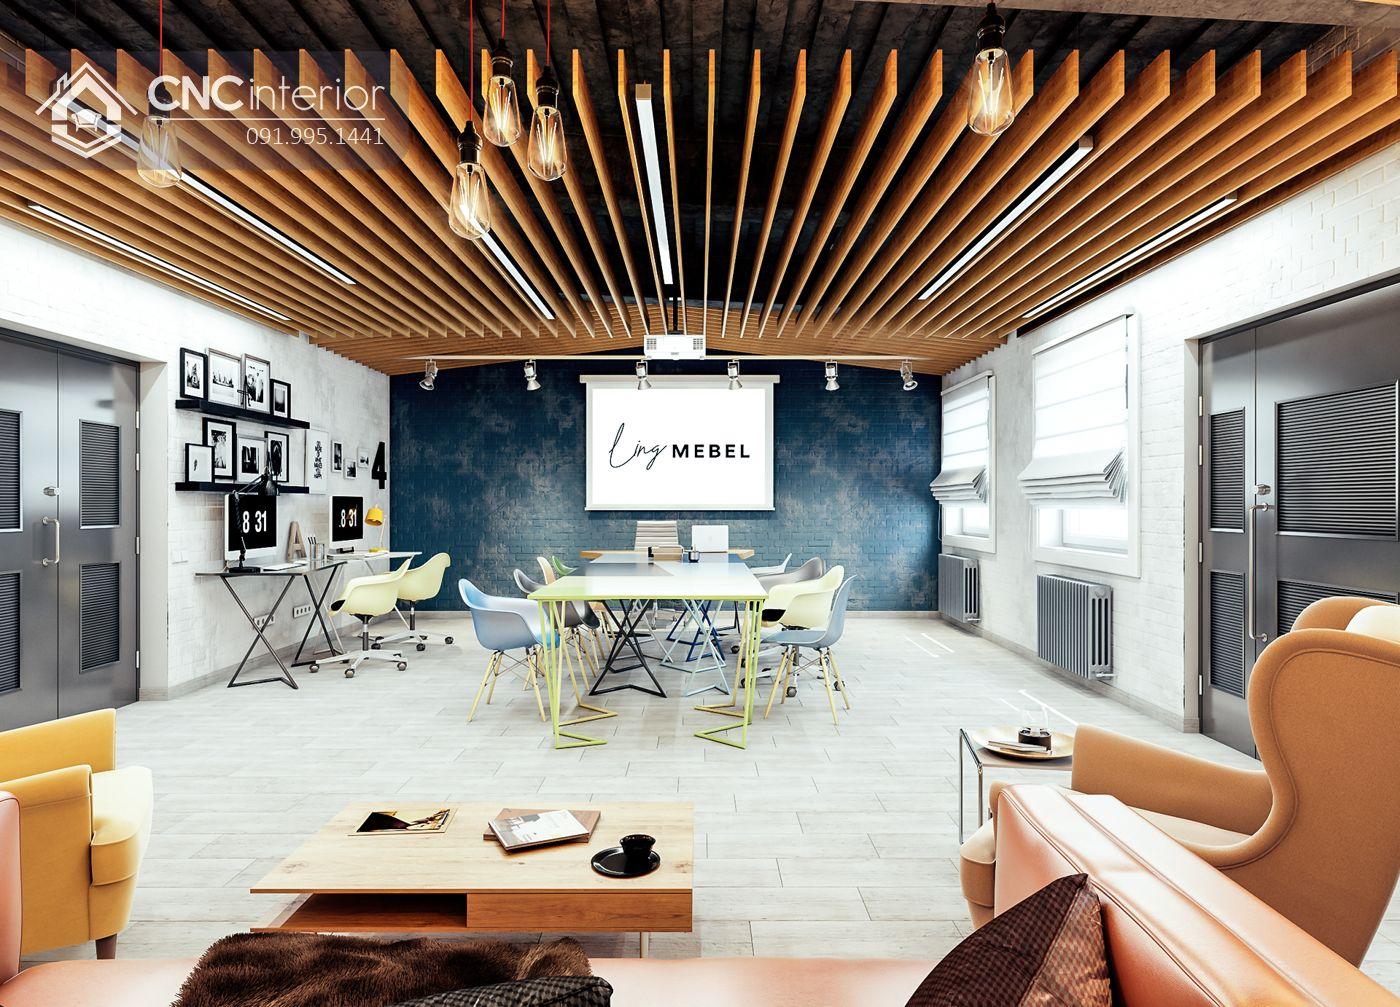 Văn phòng Studio Ling Mebel